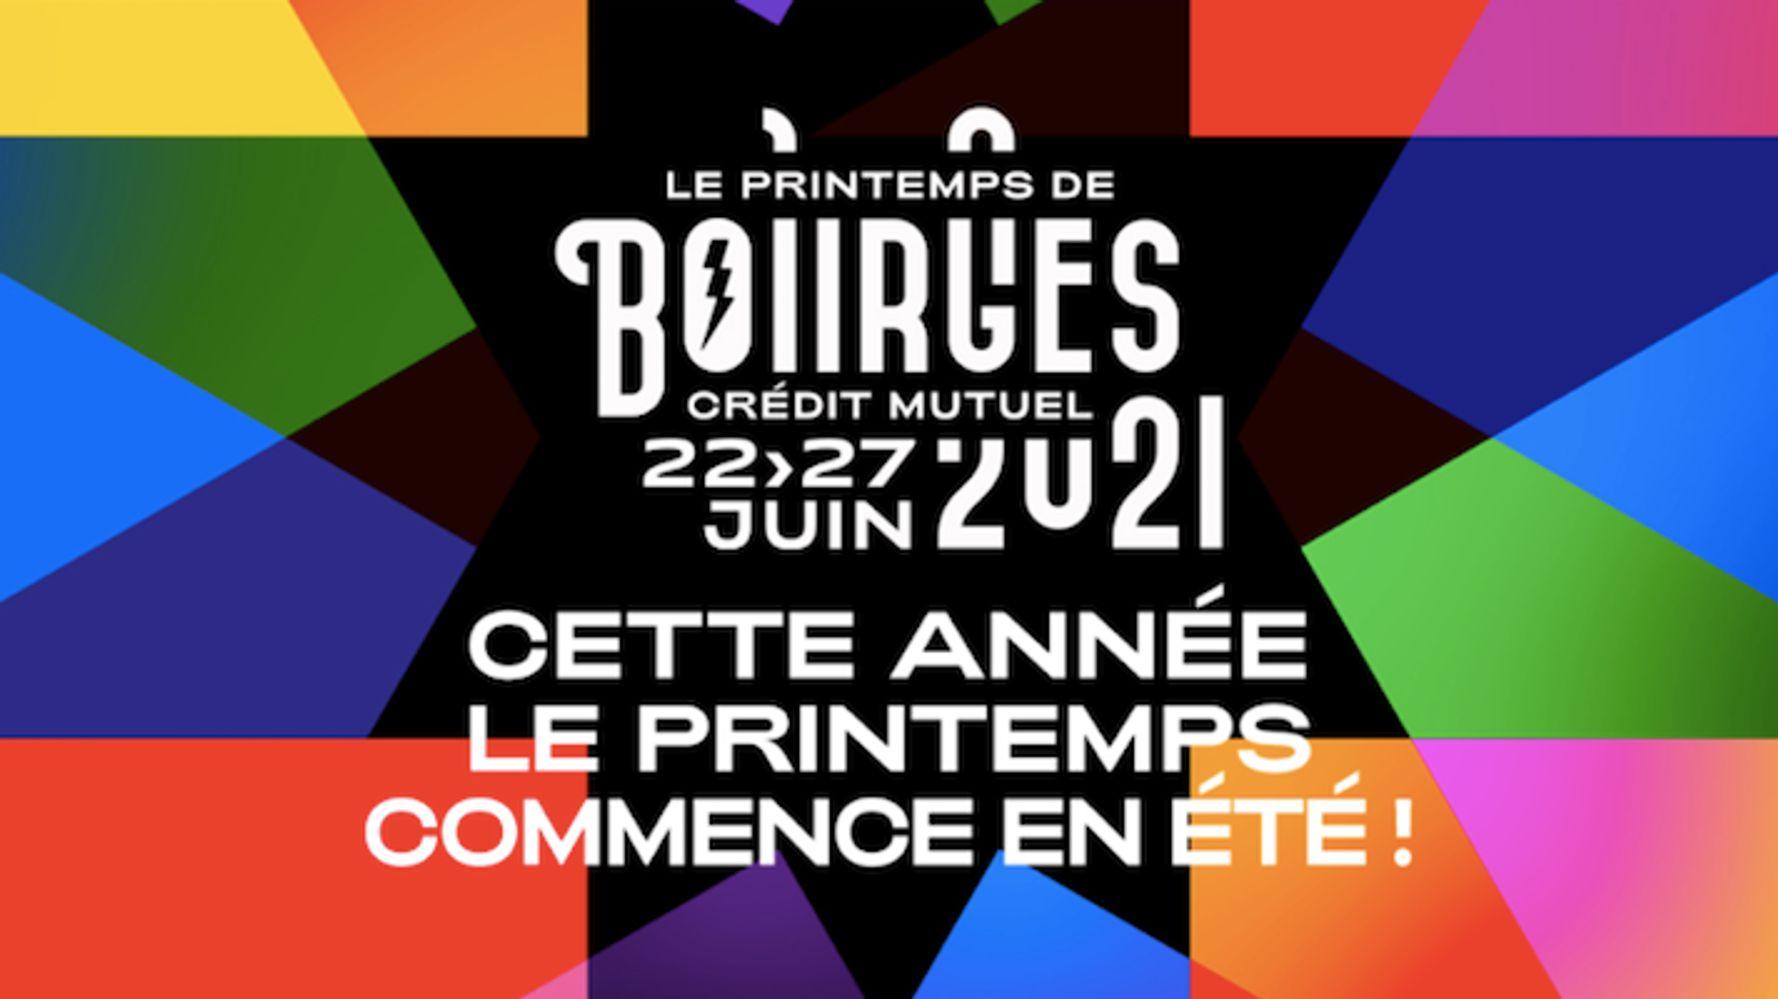 Le Printemps de Bourges se décale au mois de juin